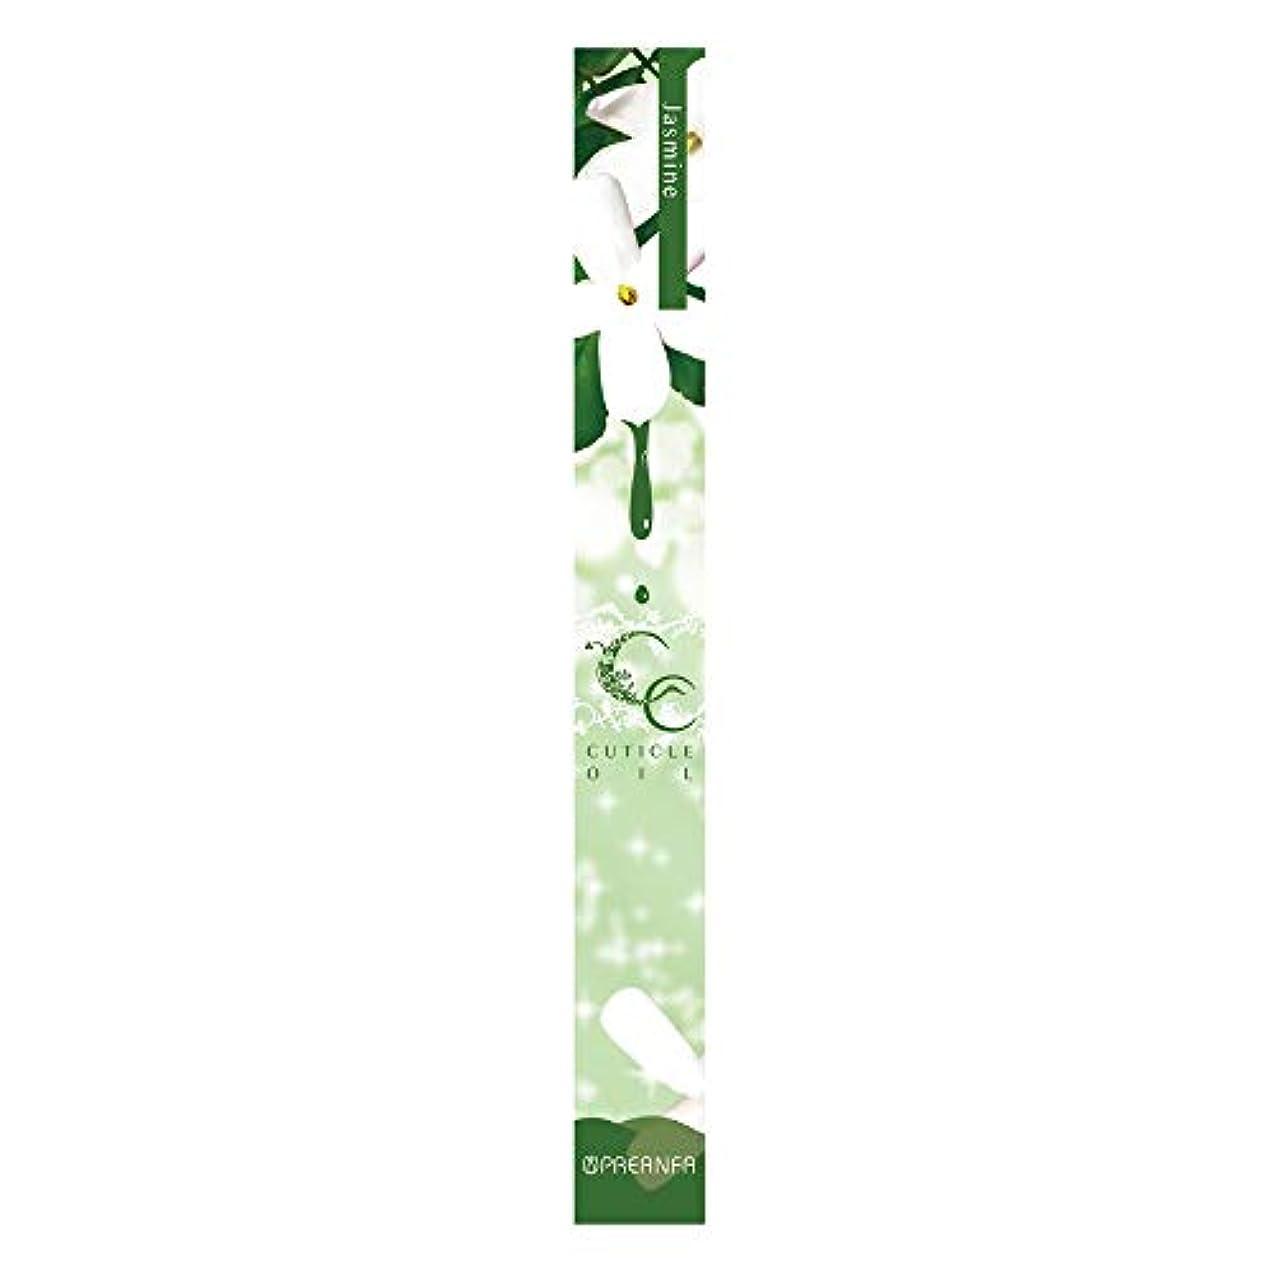 色抑止する四分円プリジェル 甘皮ケア CCキューティクルオイル ジャスミン 4.5g  保湿オイル ペンタイプ